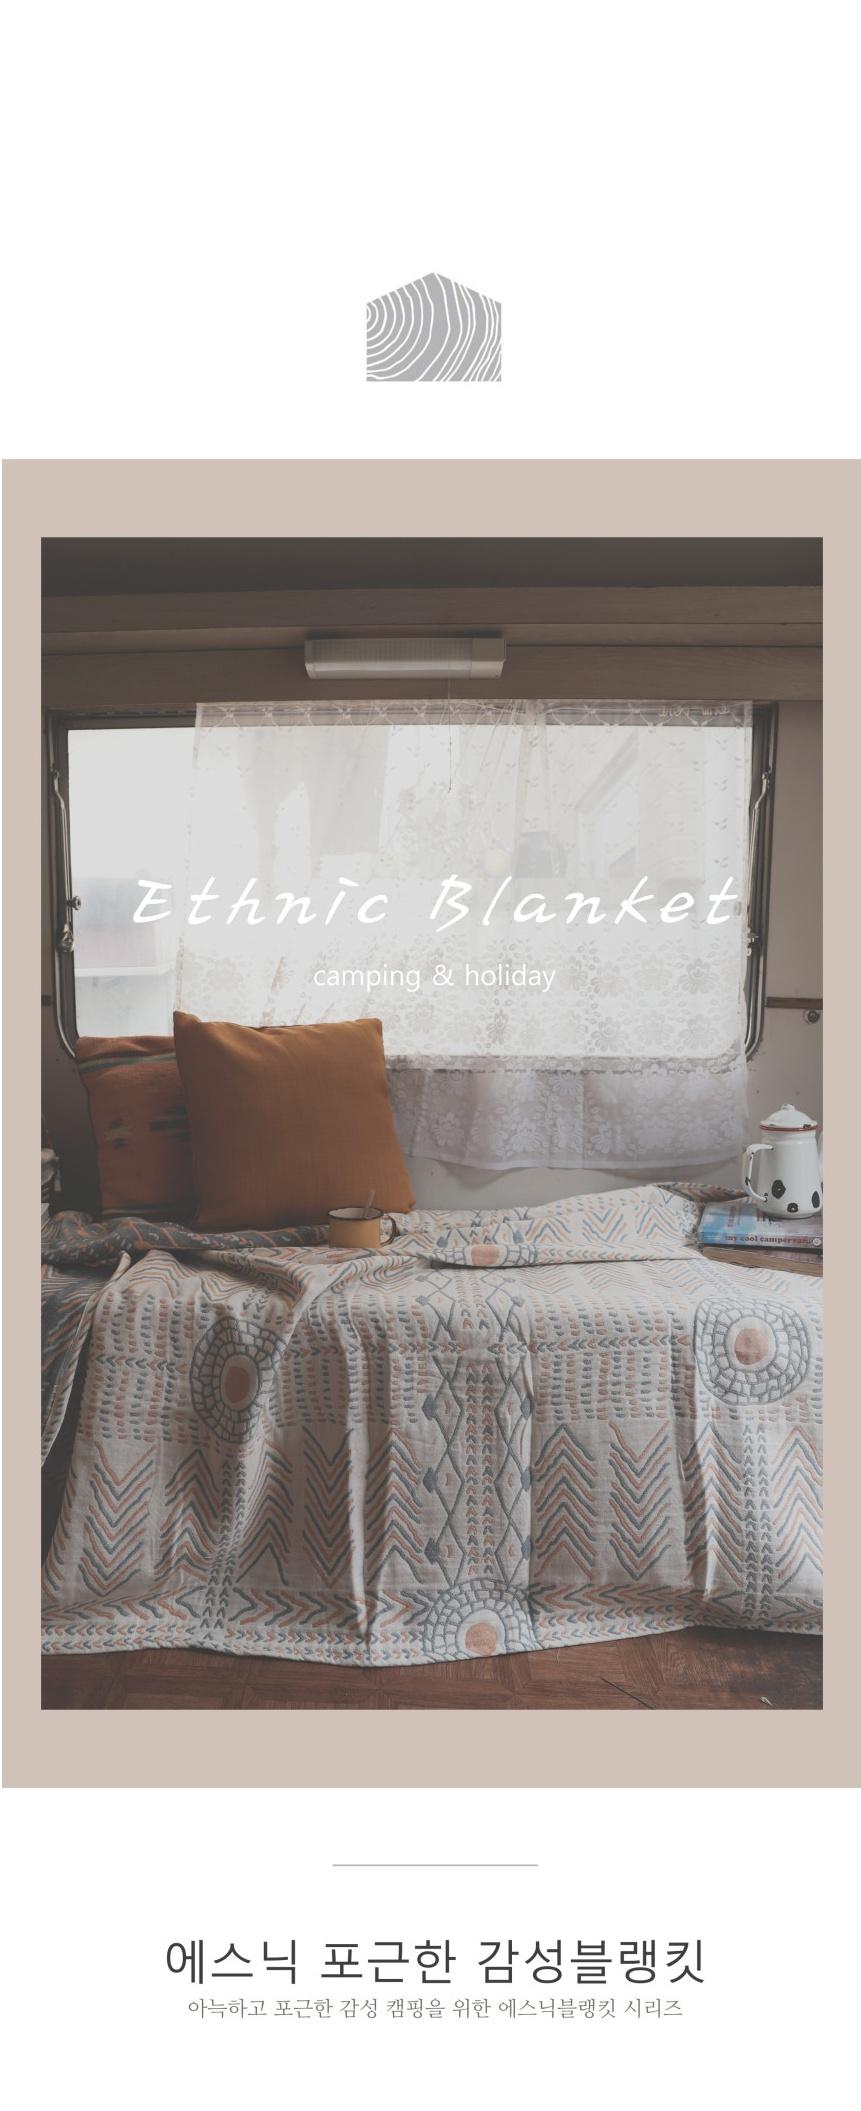 blanket_ethnic_01.jpg